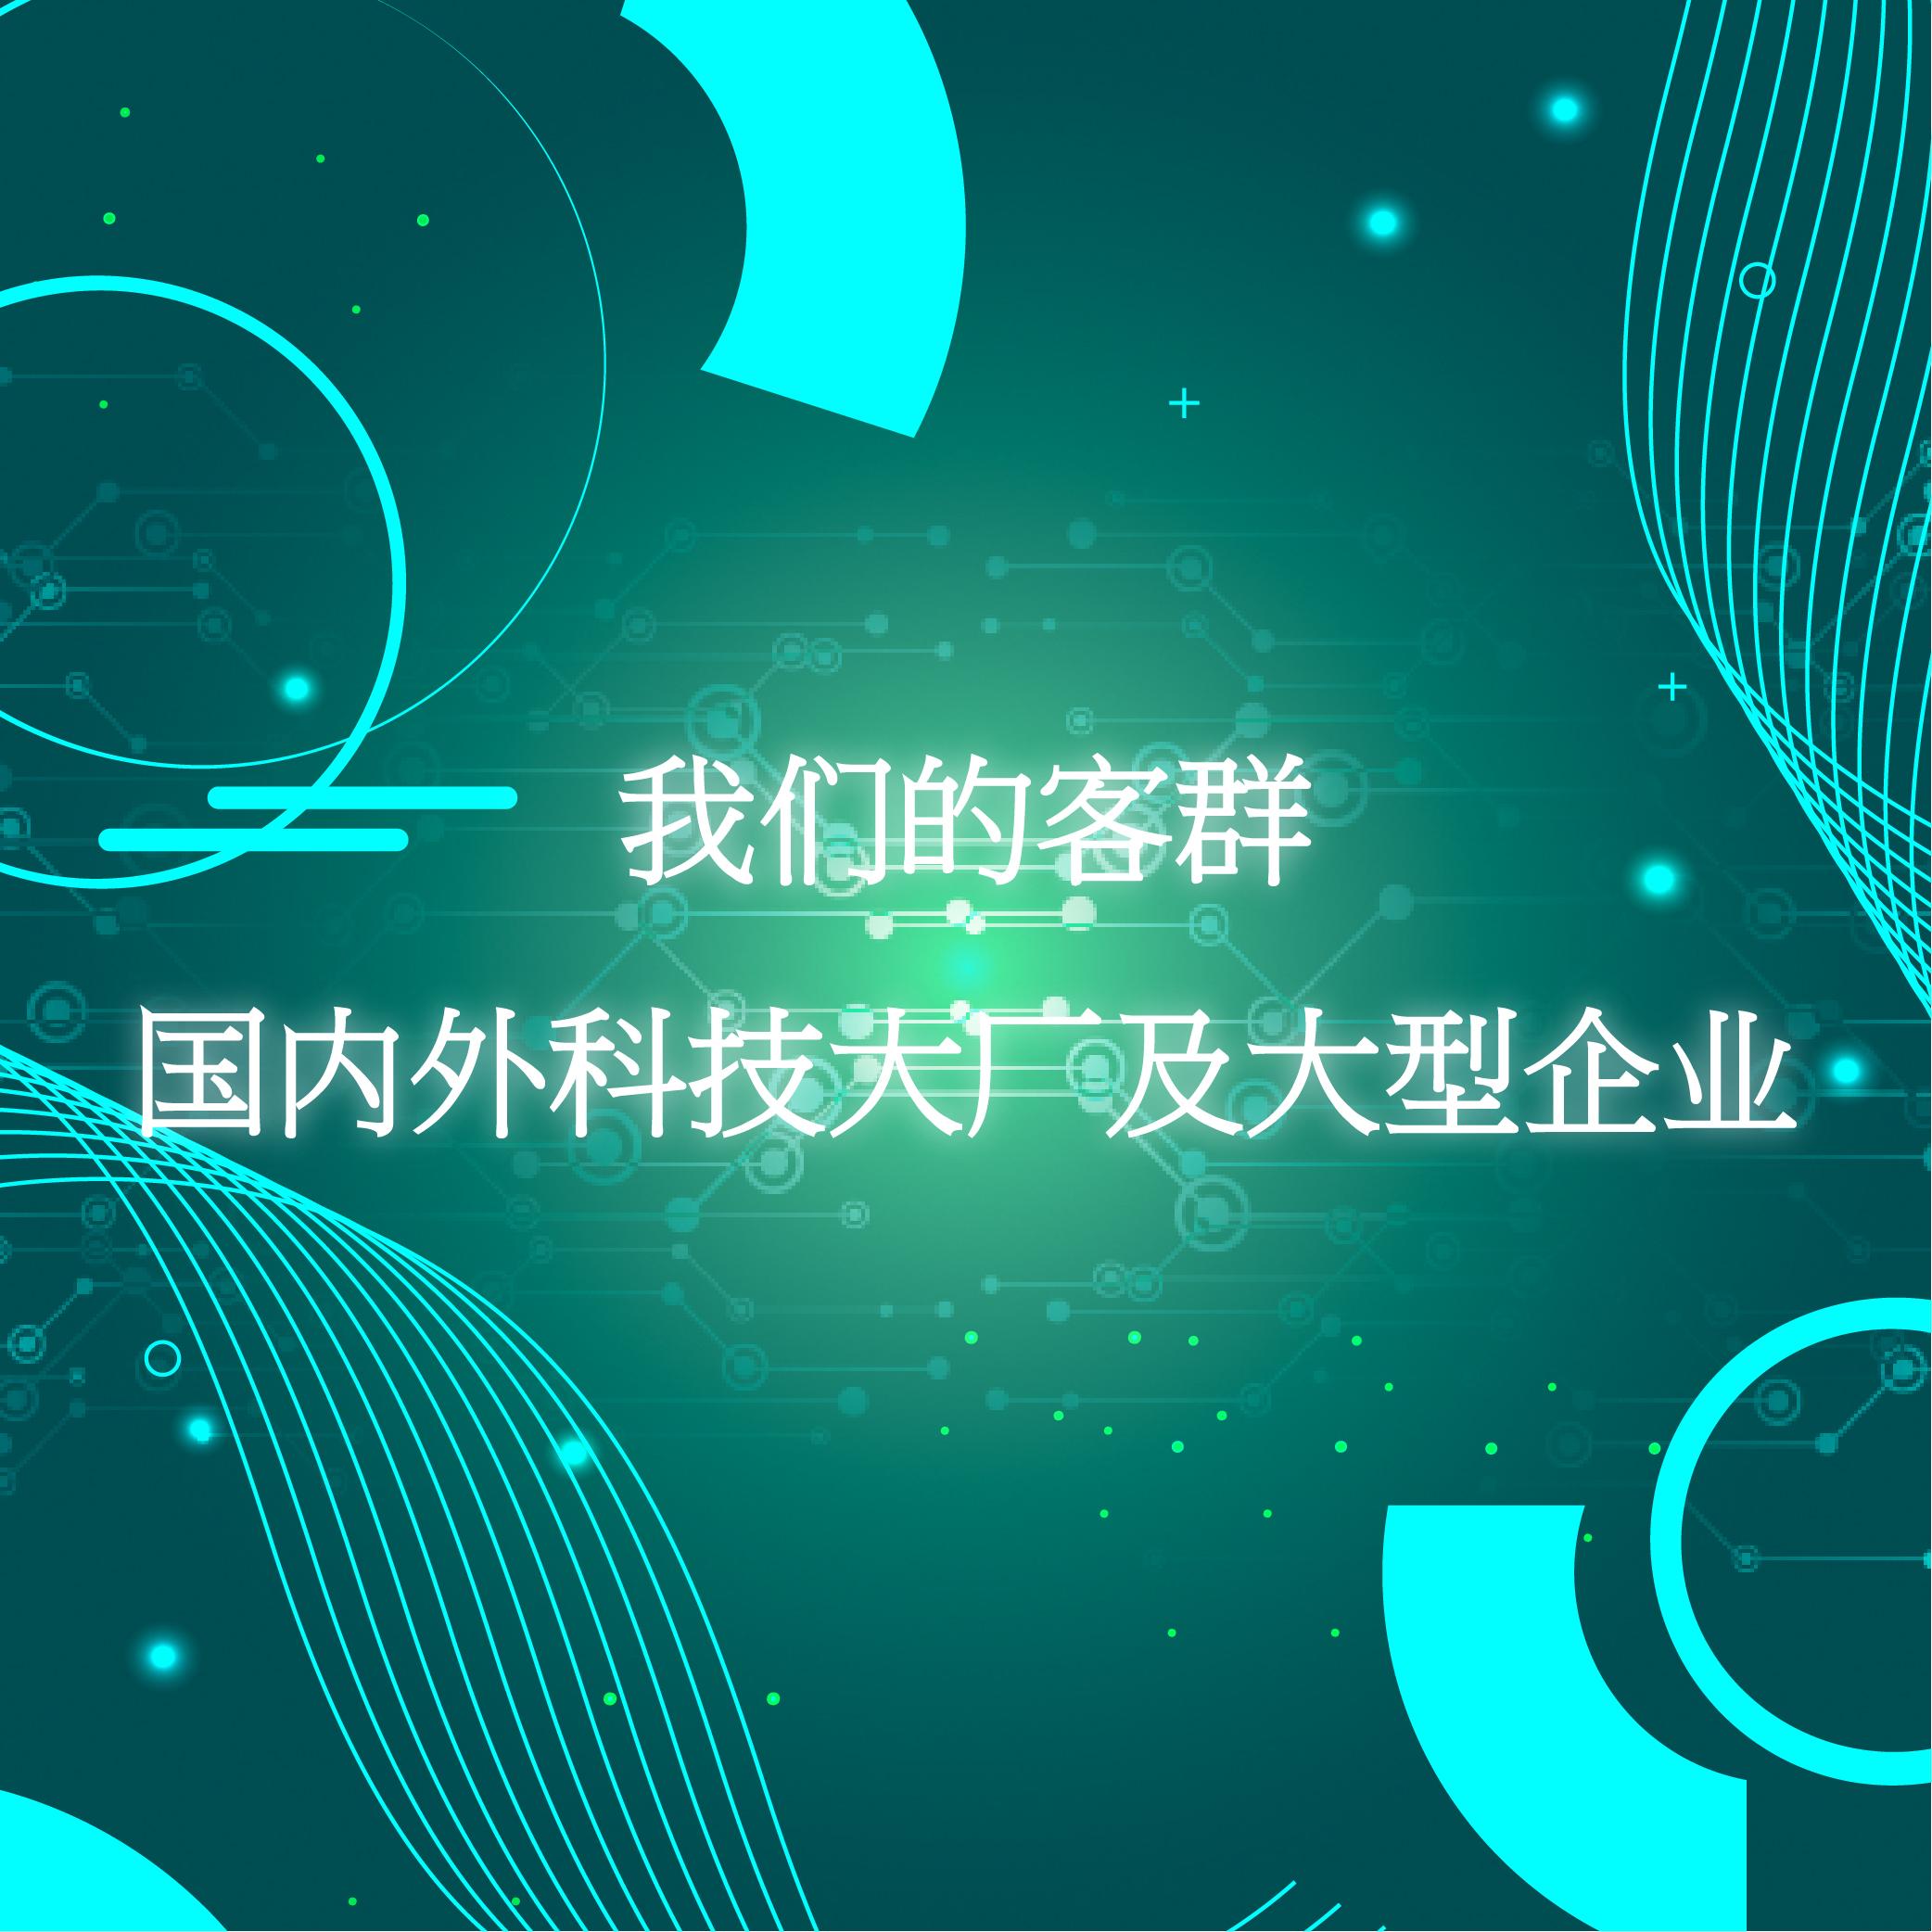 廣告(簡體 01